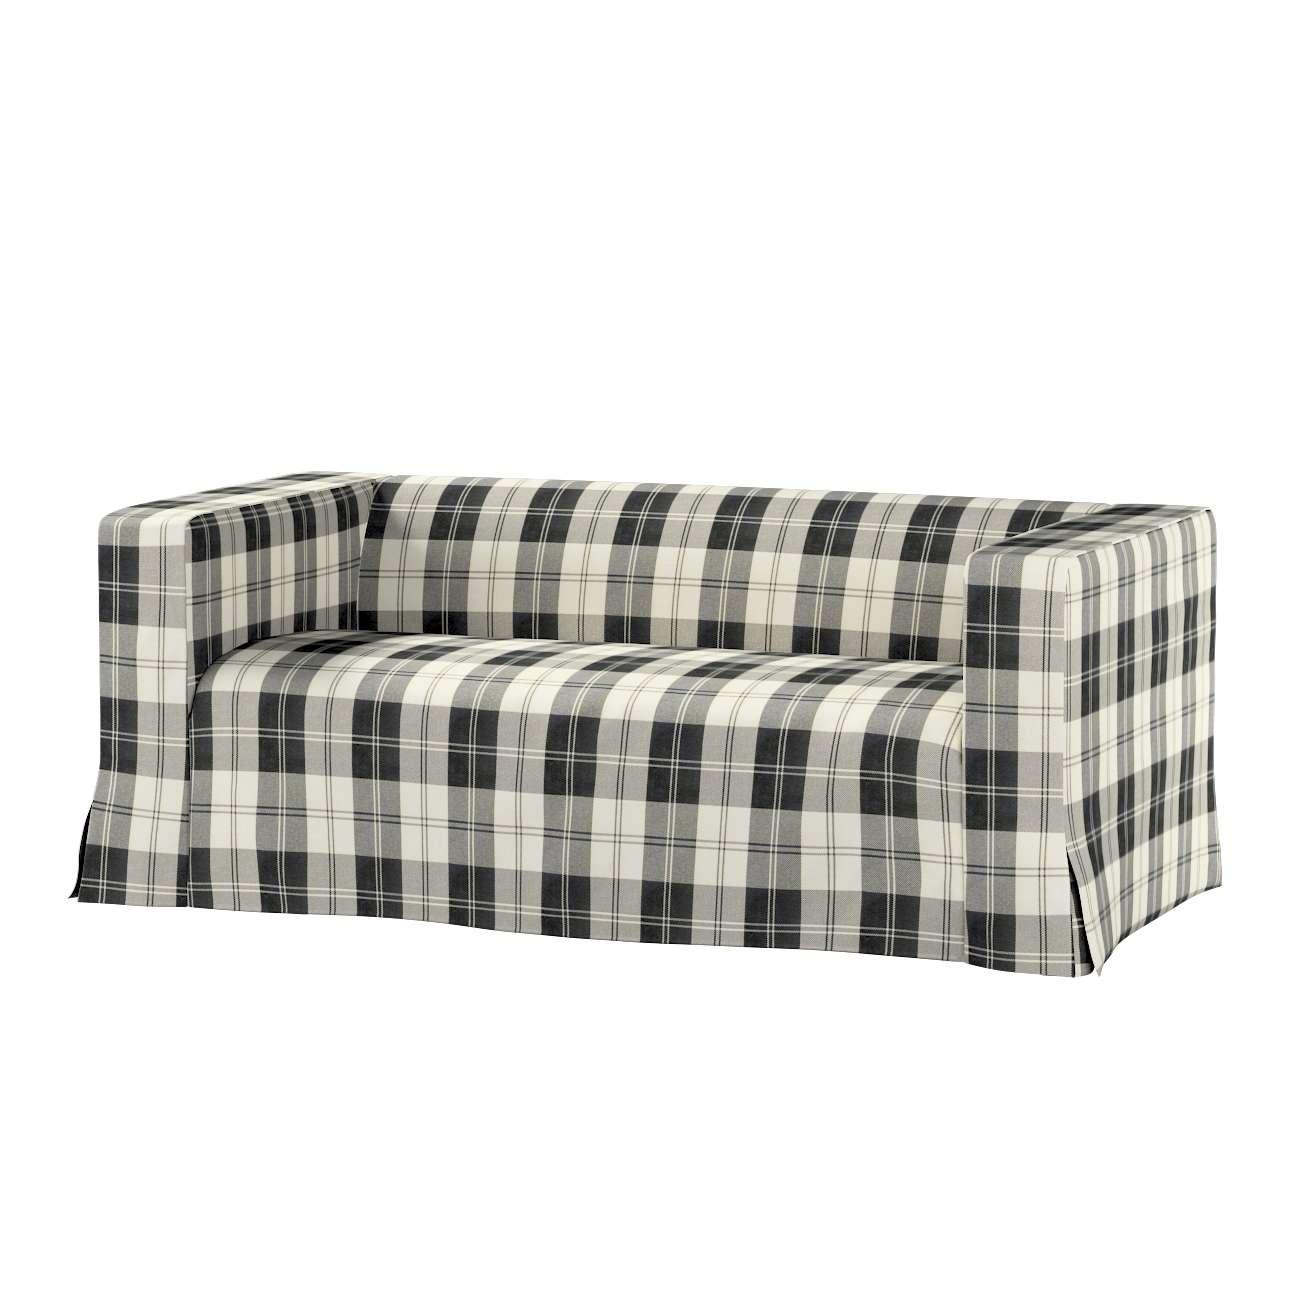 Pokrowiec na sofę Klippan 2-osobową długi z kontrafałdami Klippan 2-os w kolekcji Edinburgh, tkanina: 115-74